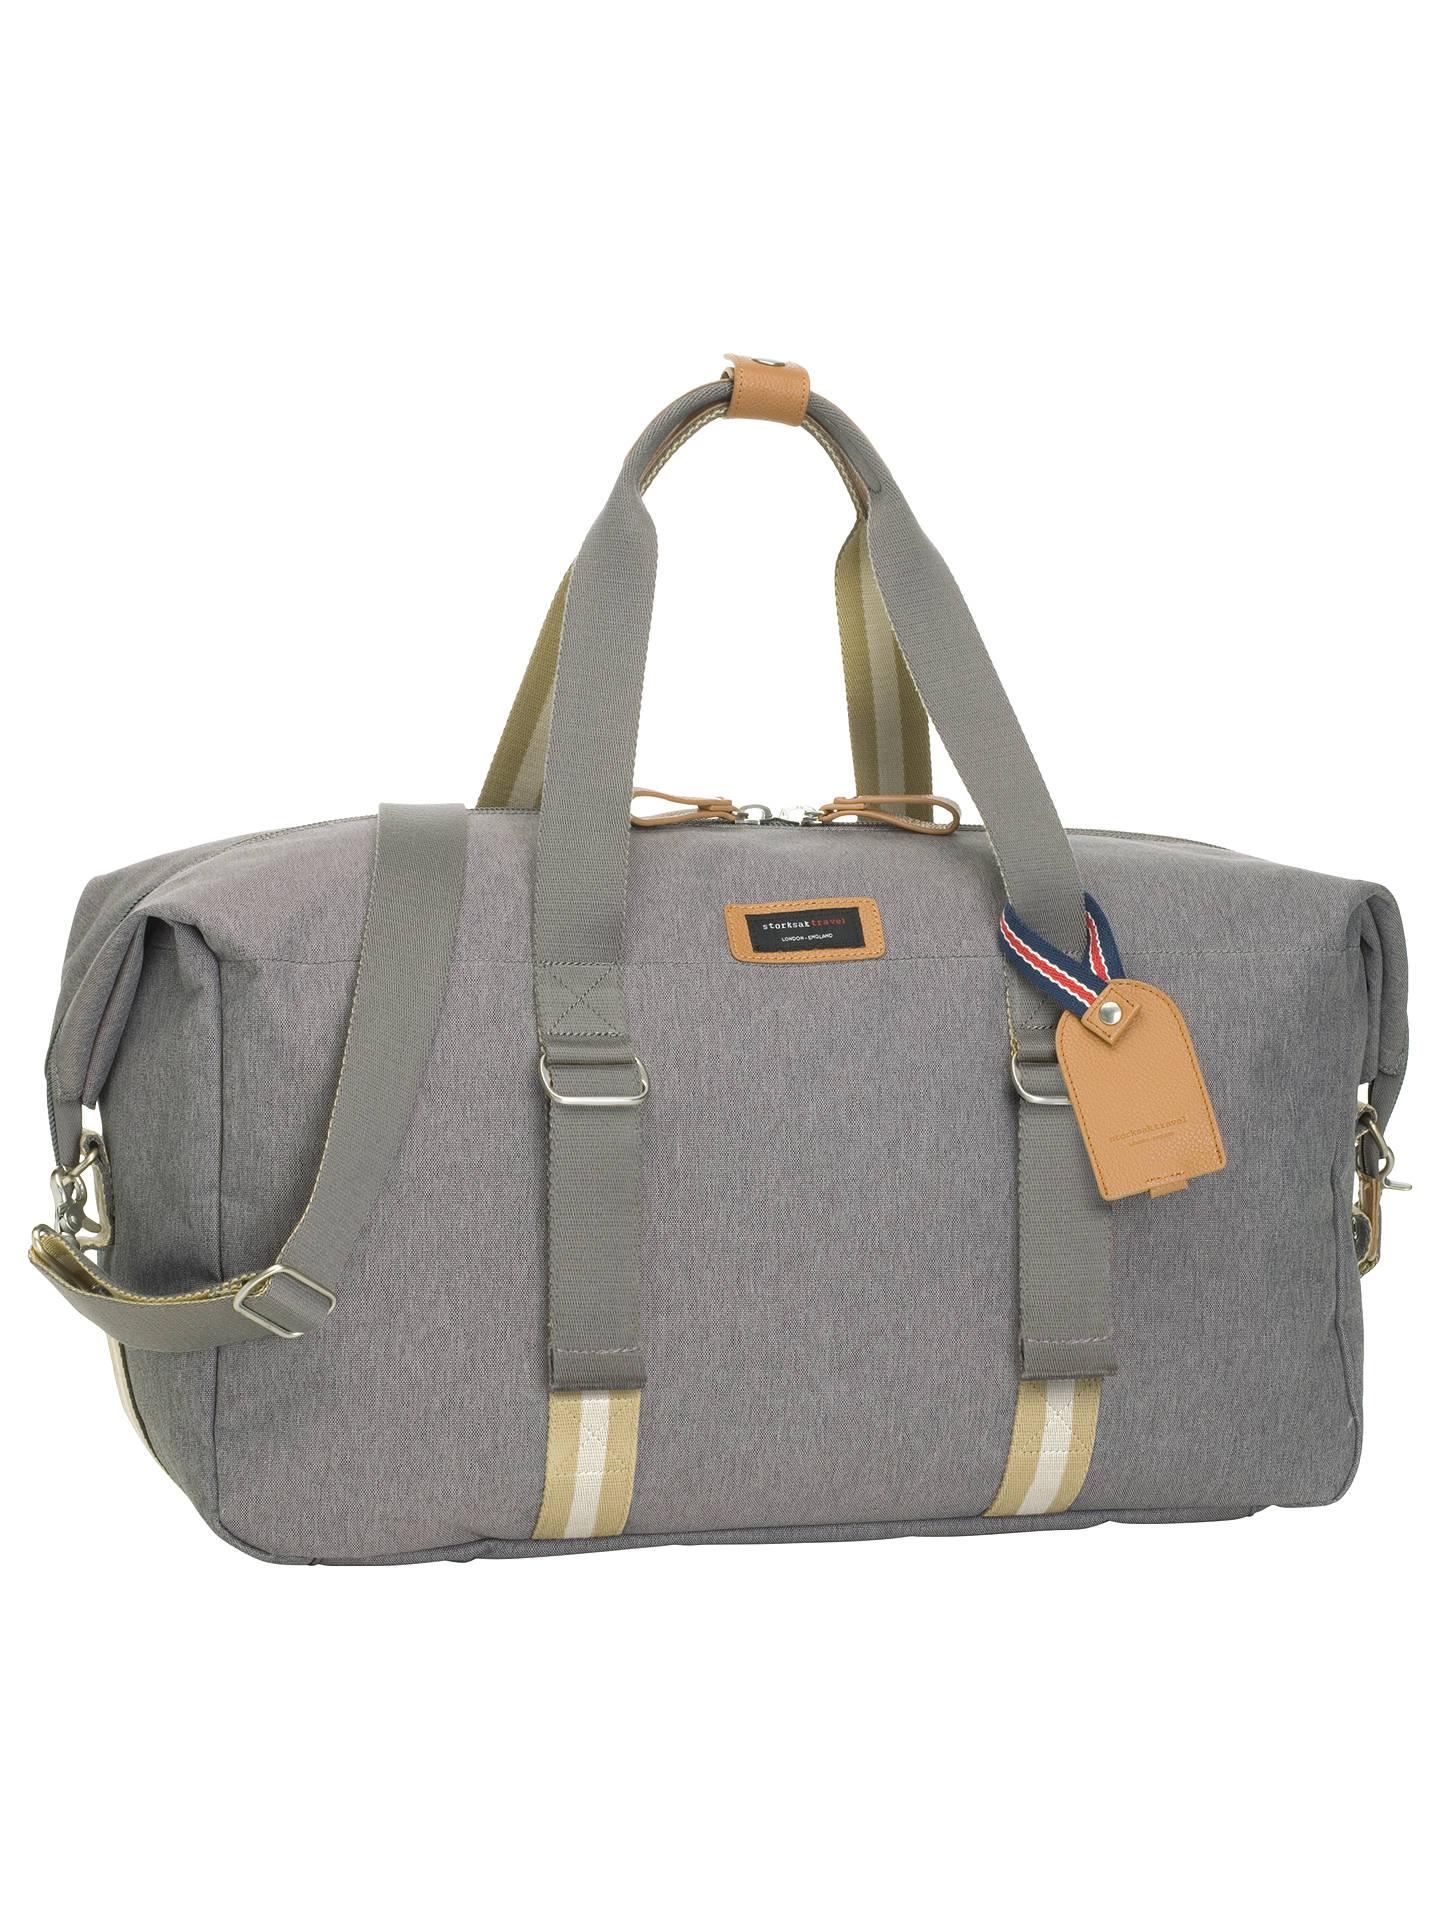 1521853b238b Storksak Travel Duffle Bag at John Lewis   Partners